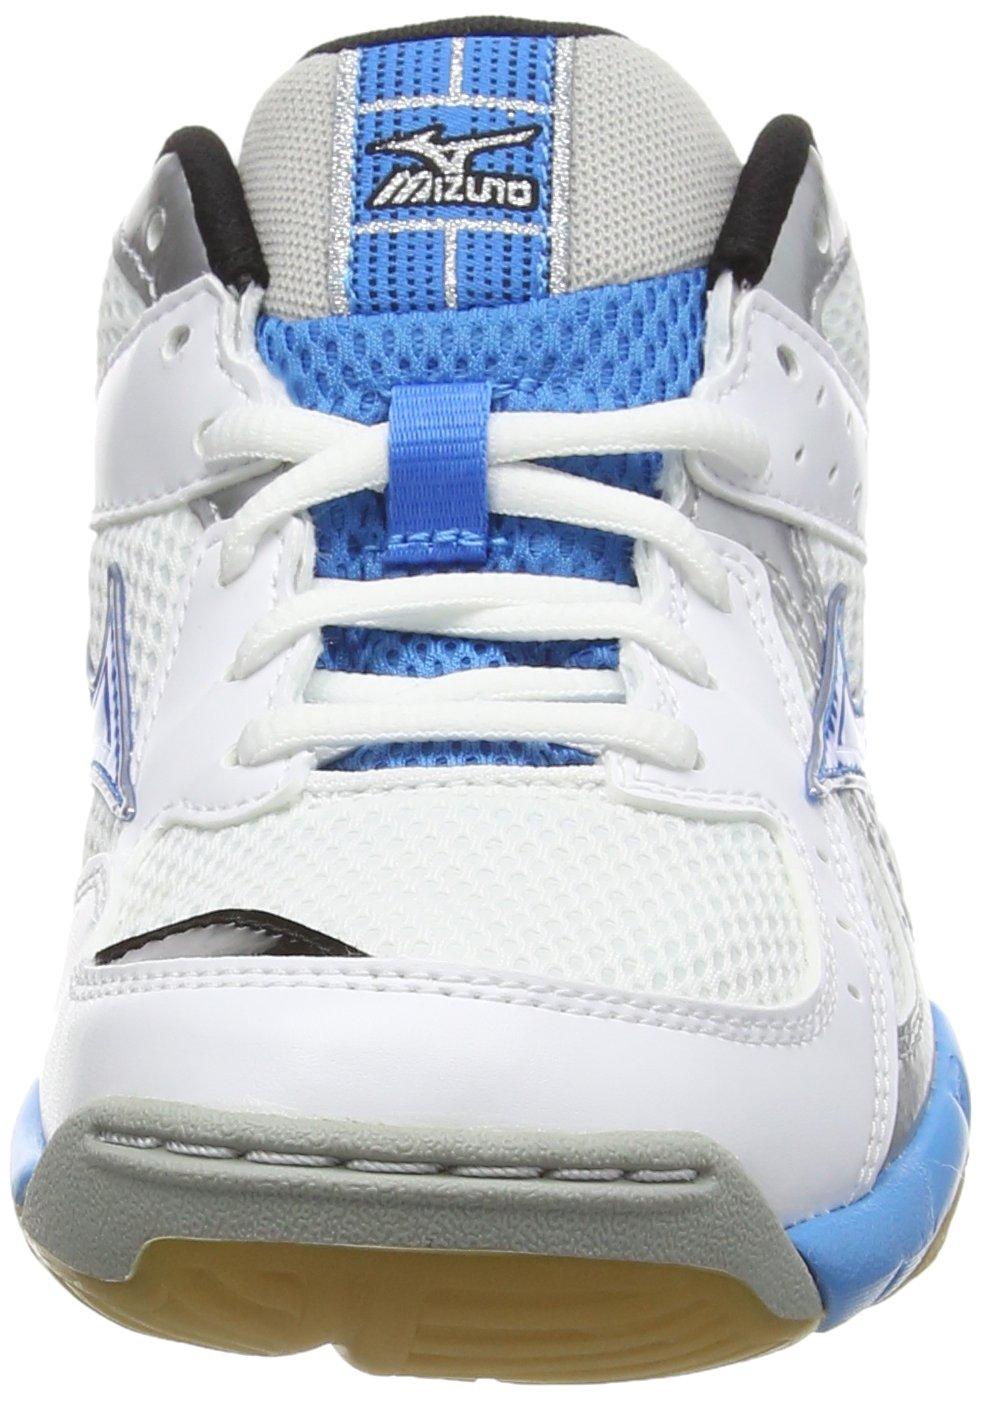 37c5d636790 Mizuno Wave Twister 4 (W) Zapatillas de Voleibol de Sintético